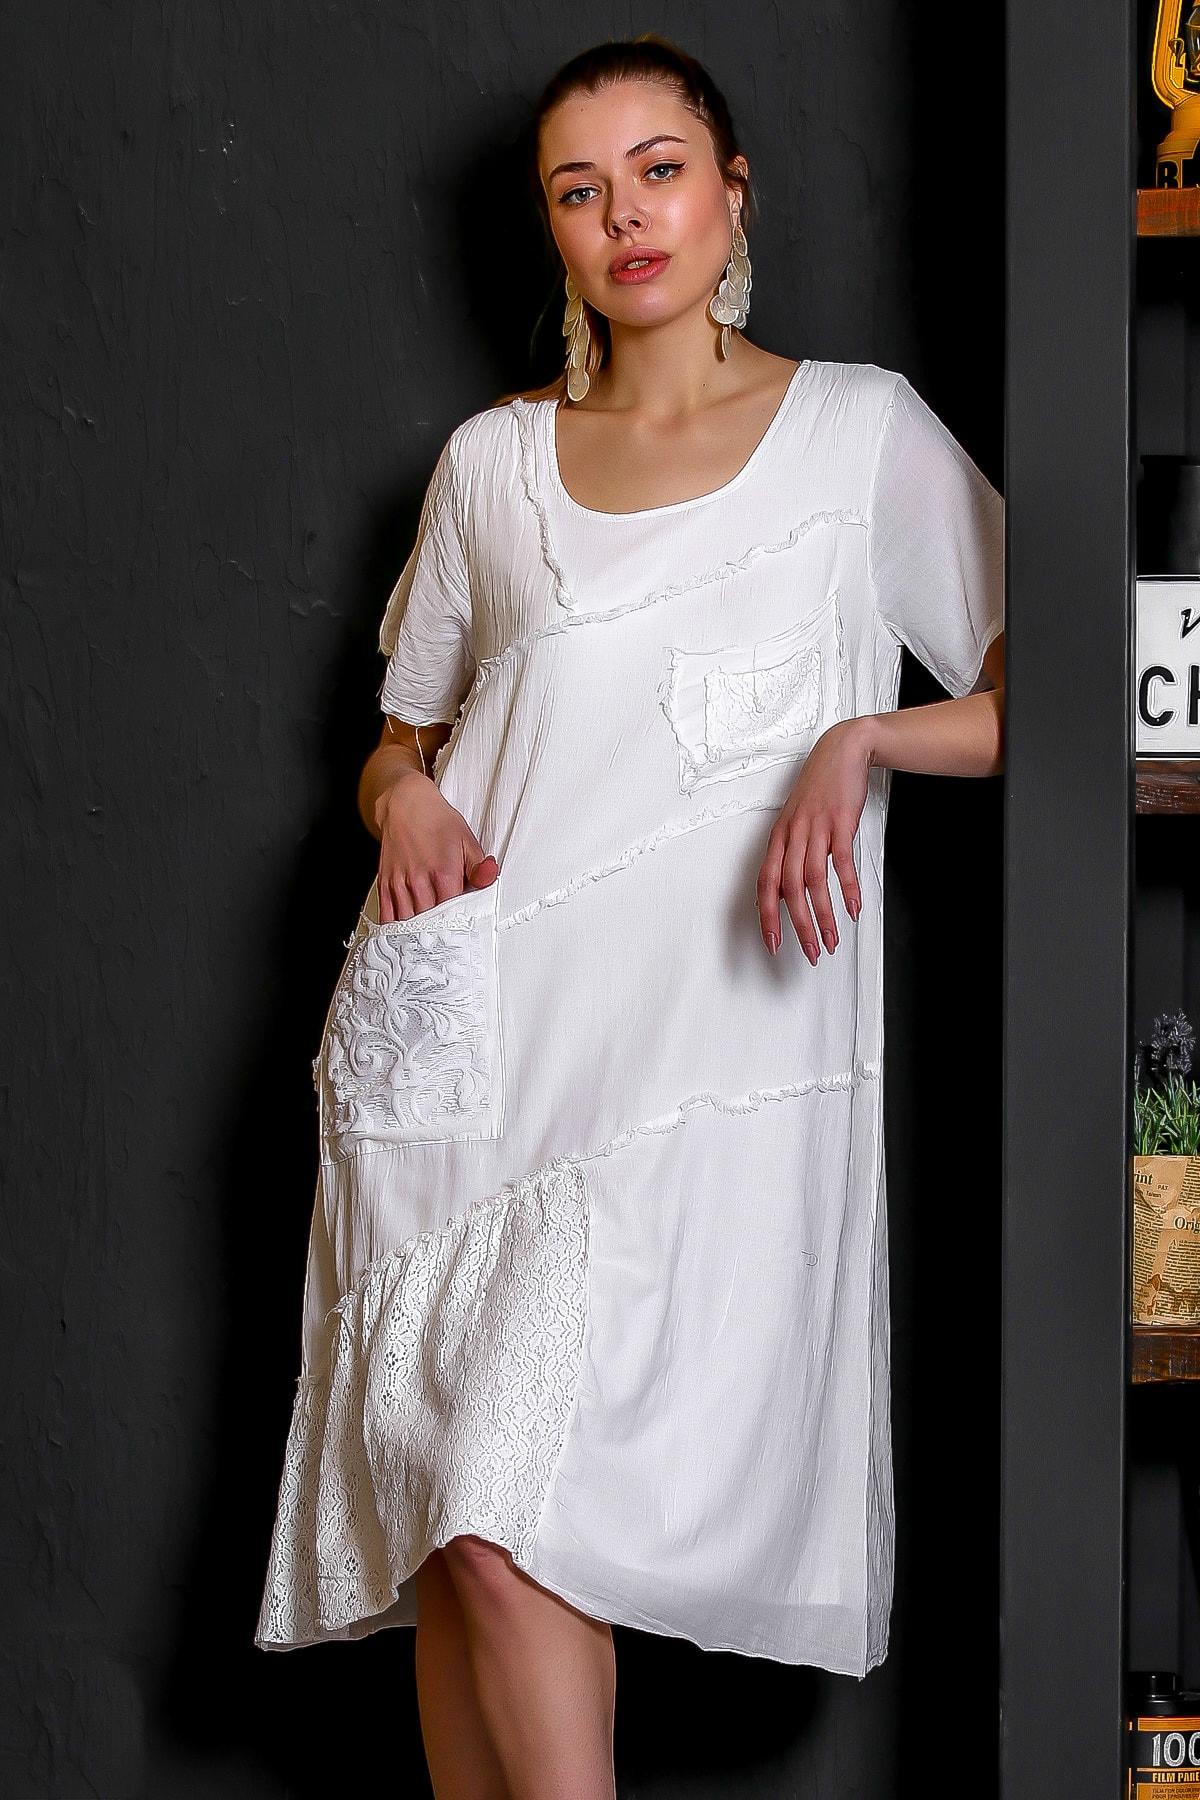 Chiccy Kadın Beyaz Sıfır Yaka Dantel Bloklu Cepli Astarlı Yıkamalı Elbise M10160000EL95294 0